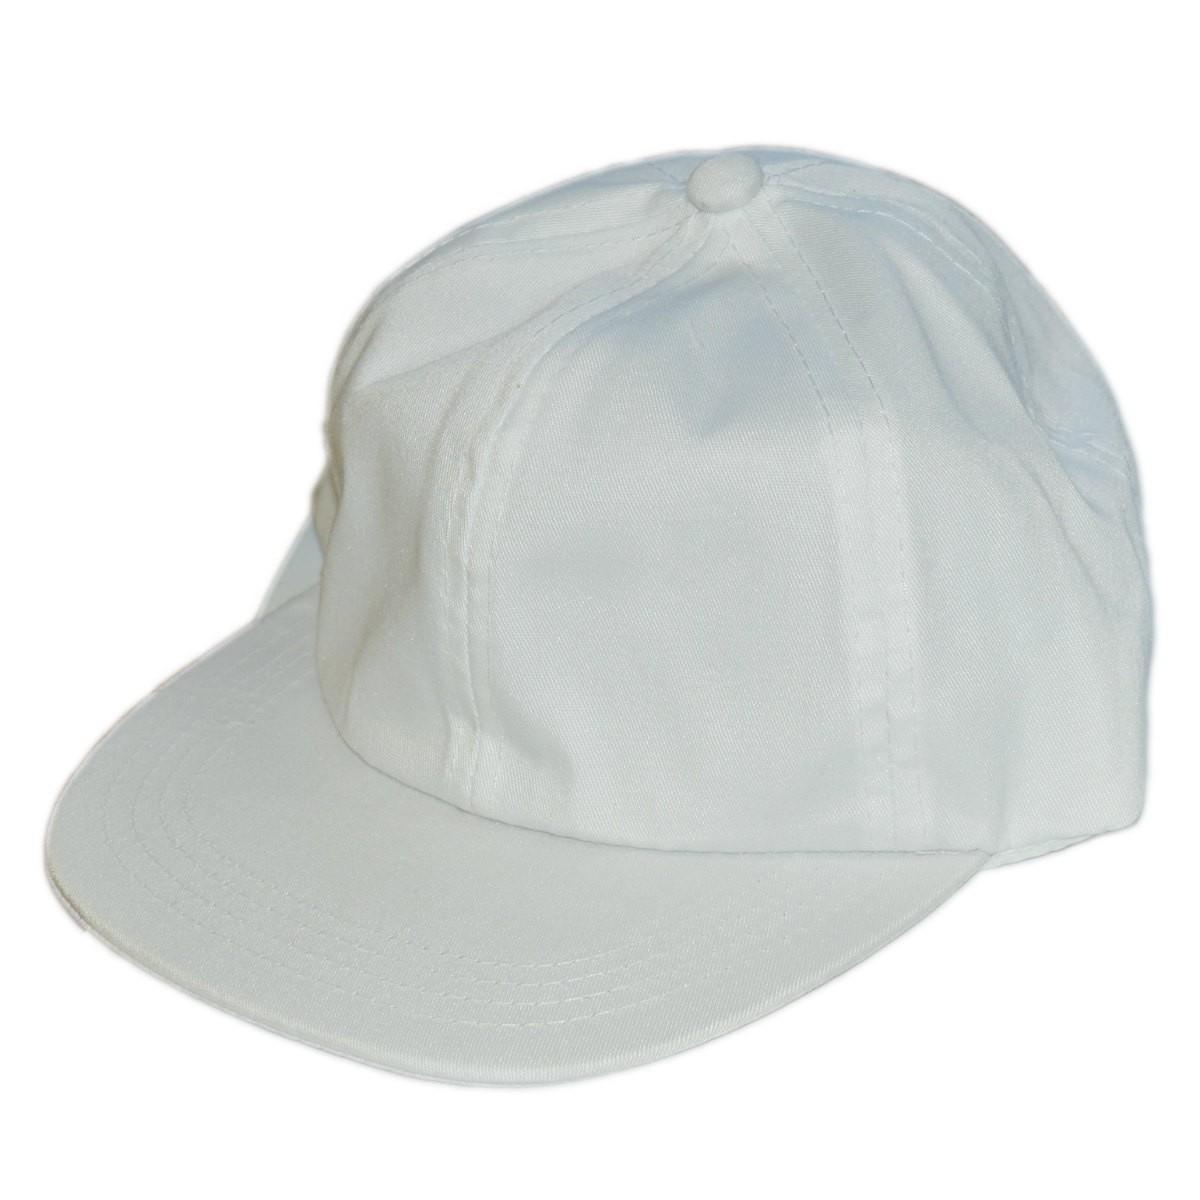 8dc30c71148b14 Baumwoll-Schirmmütze - Kinder Baseball Mütze aus Baumwolle weiß zum Bemalen